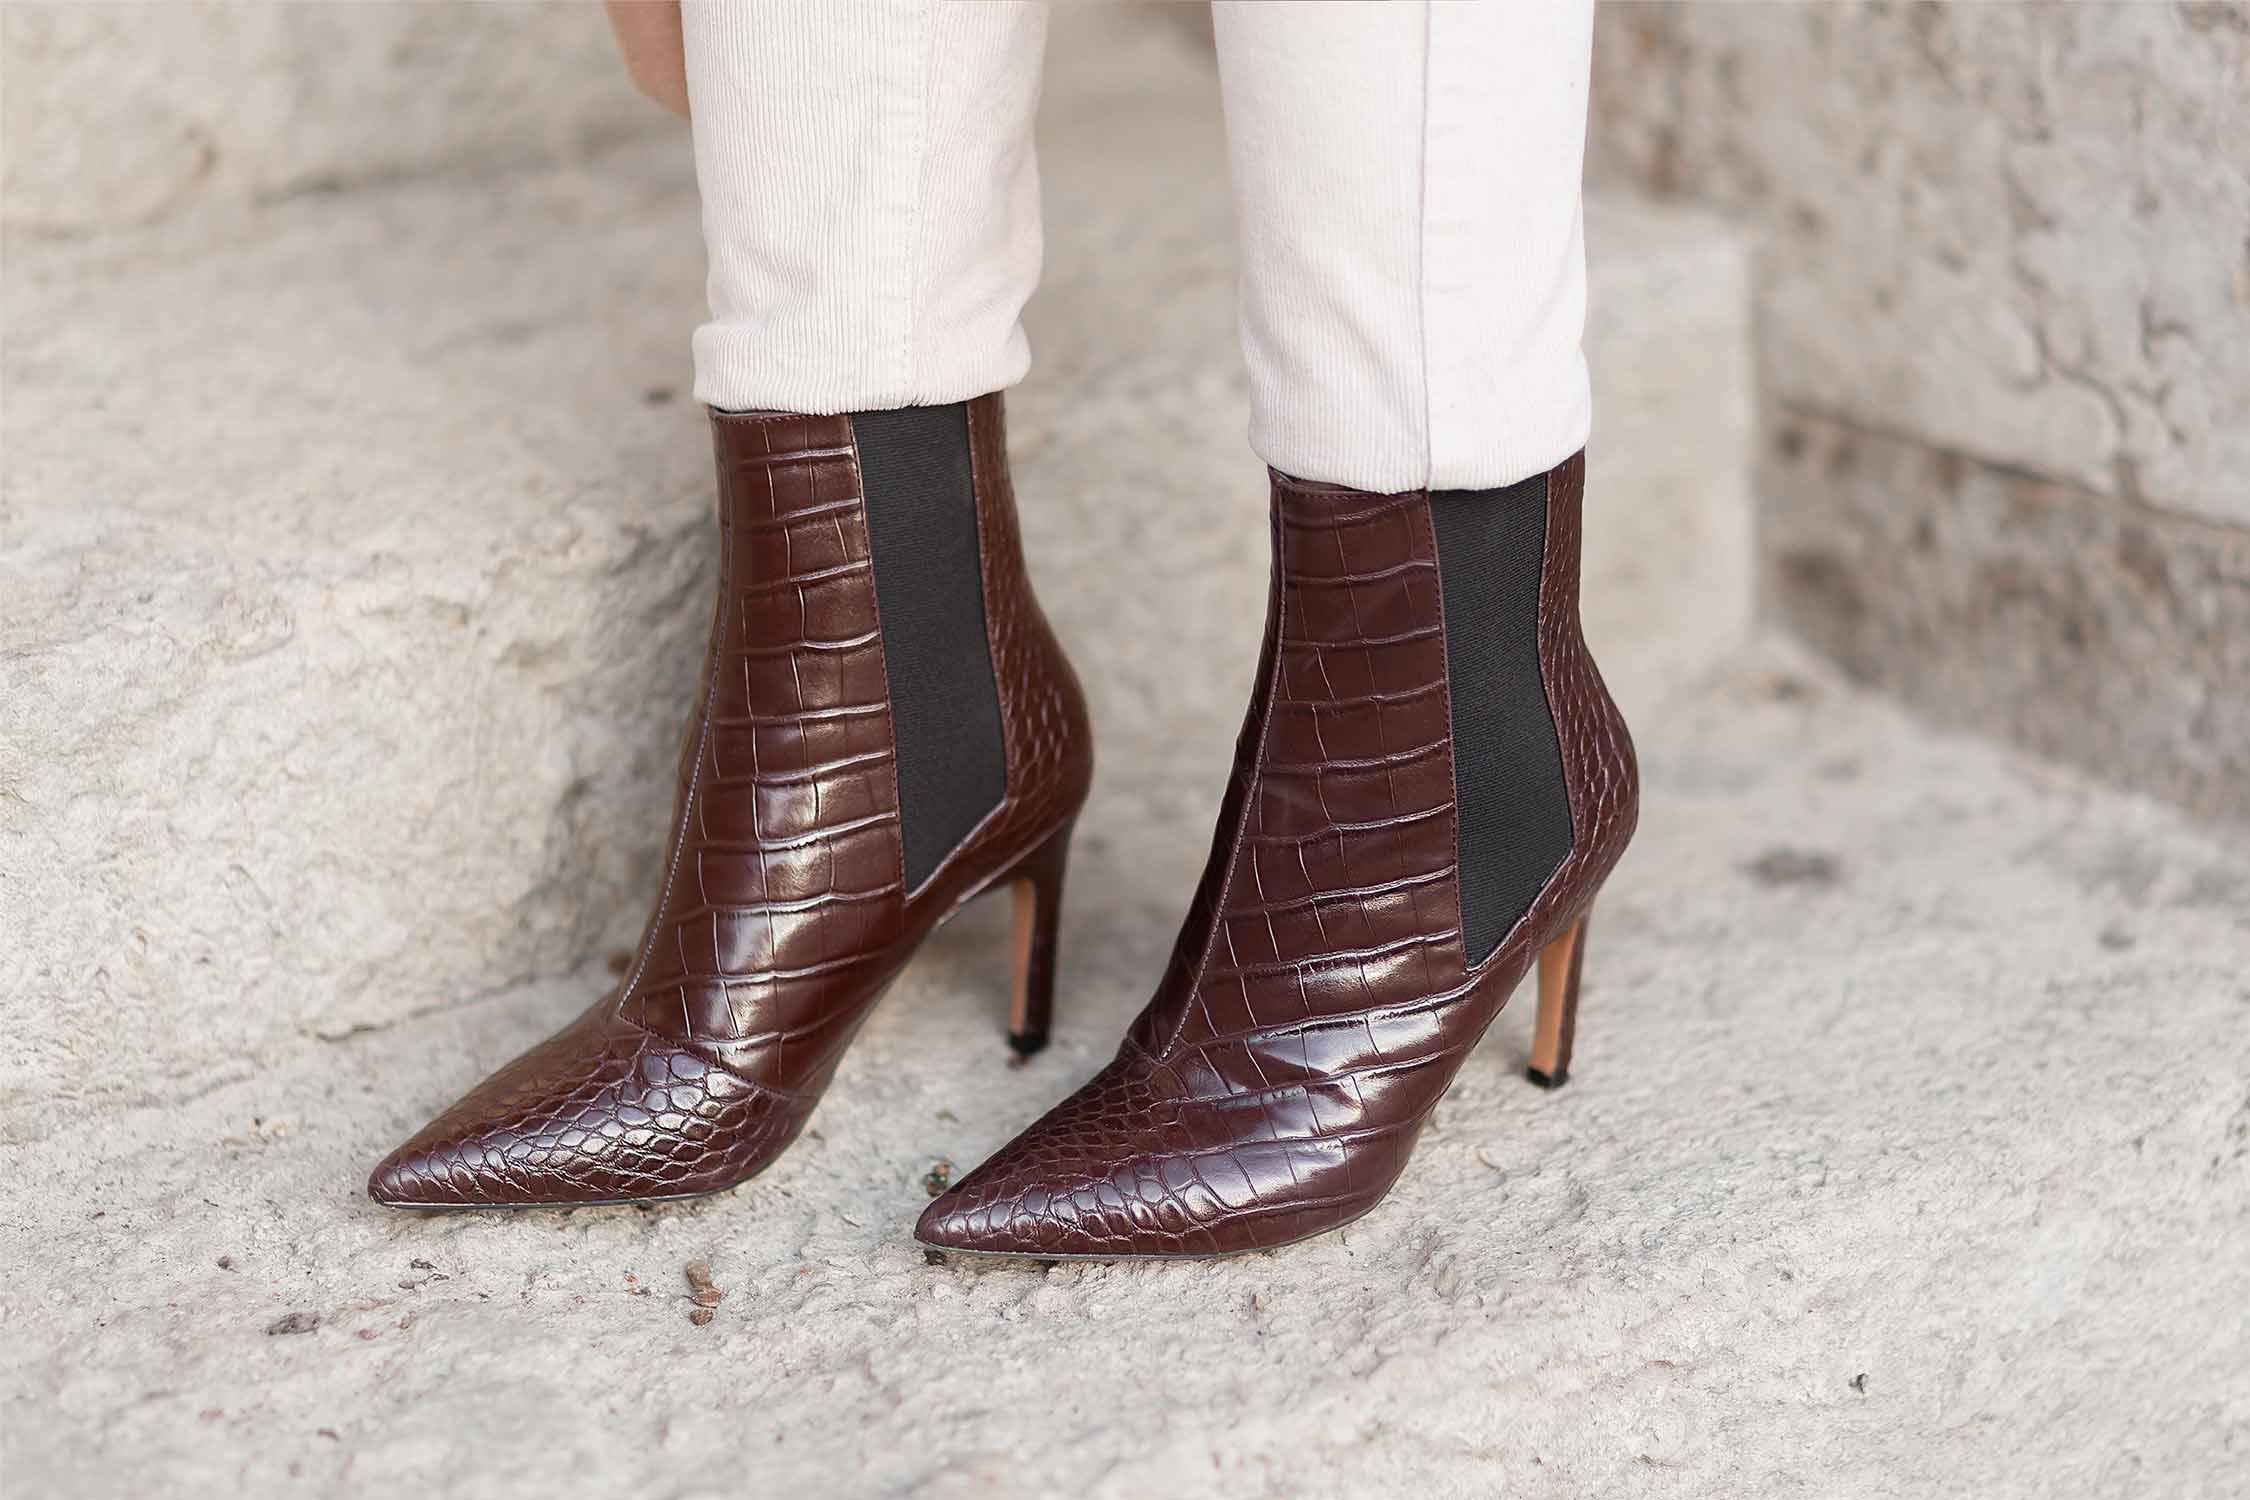 Trendschuhe für den Winter 2020, Boots im Animal-Look, Stiefeletten mit Kroko-Muster, Shoelove by Deichmann